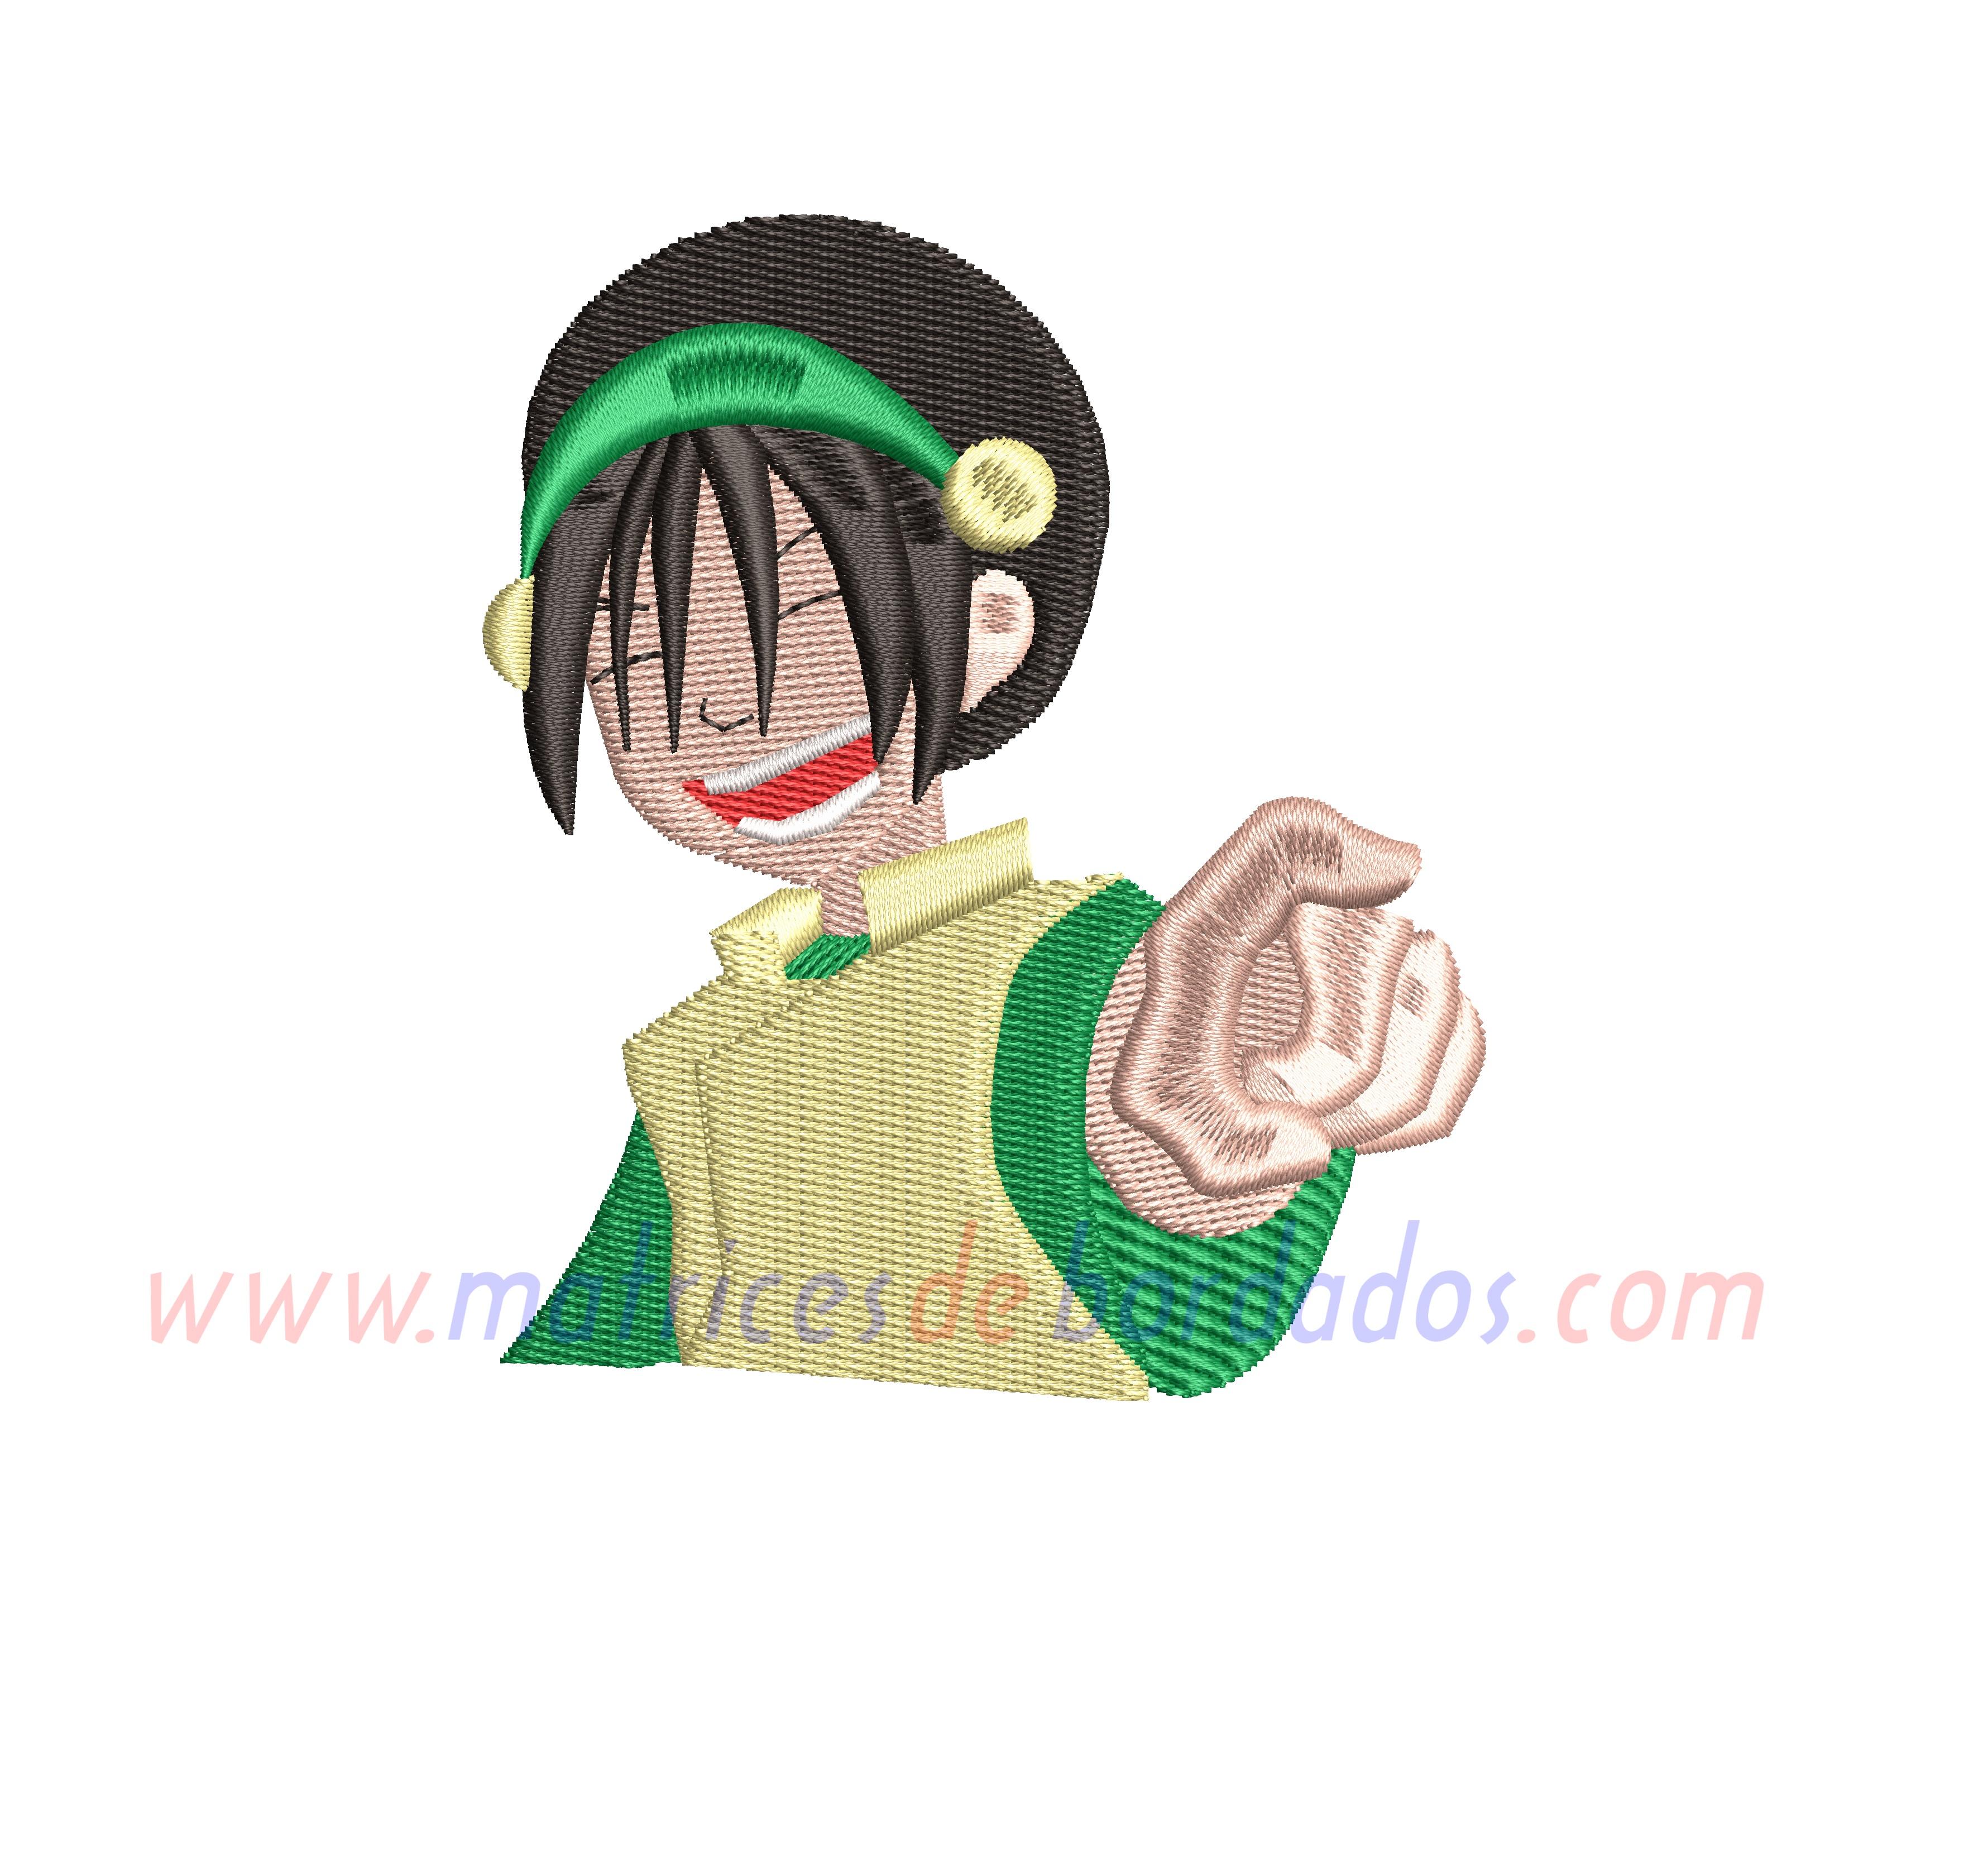 DP28GB - Toph de avatar